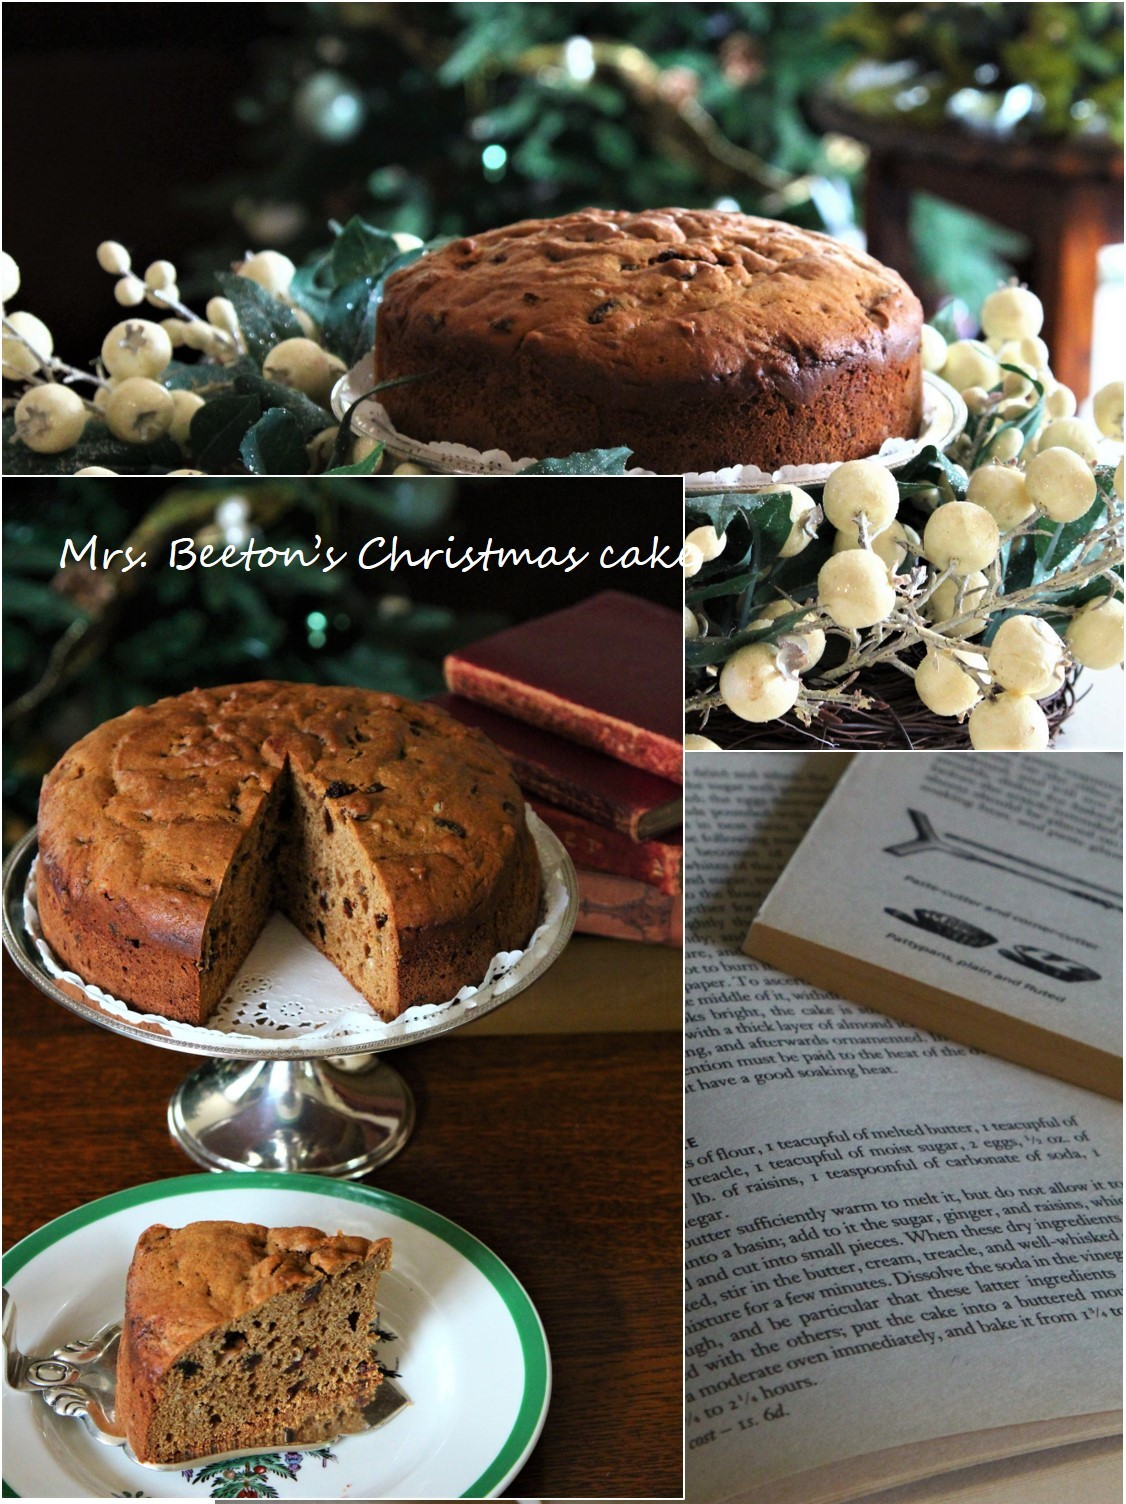 ビートン夫人のクリスマスケーキ_a0107981_19252508.jpg